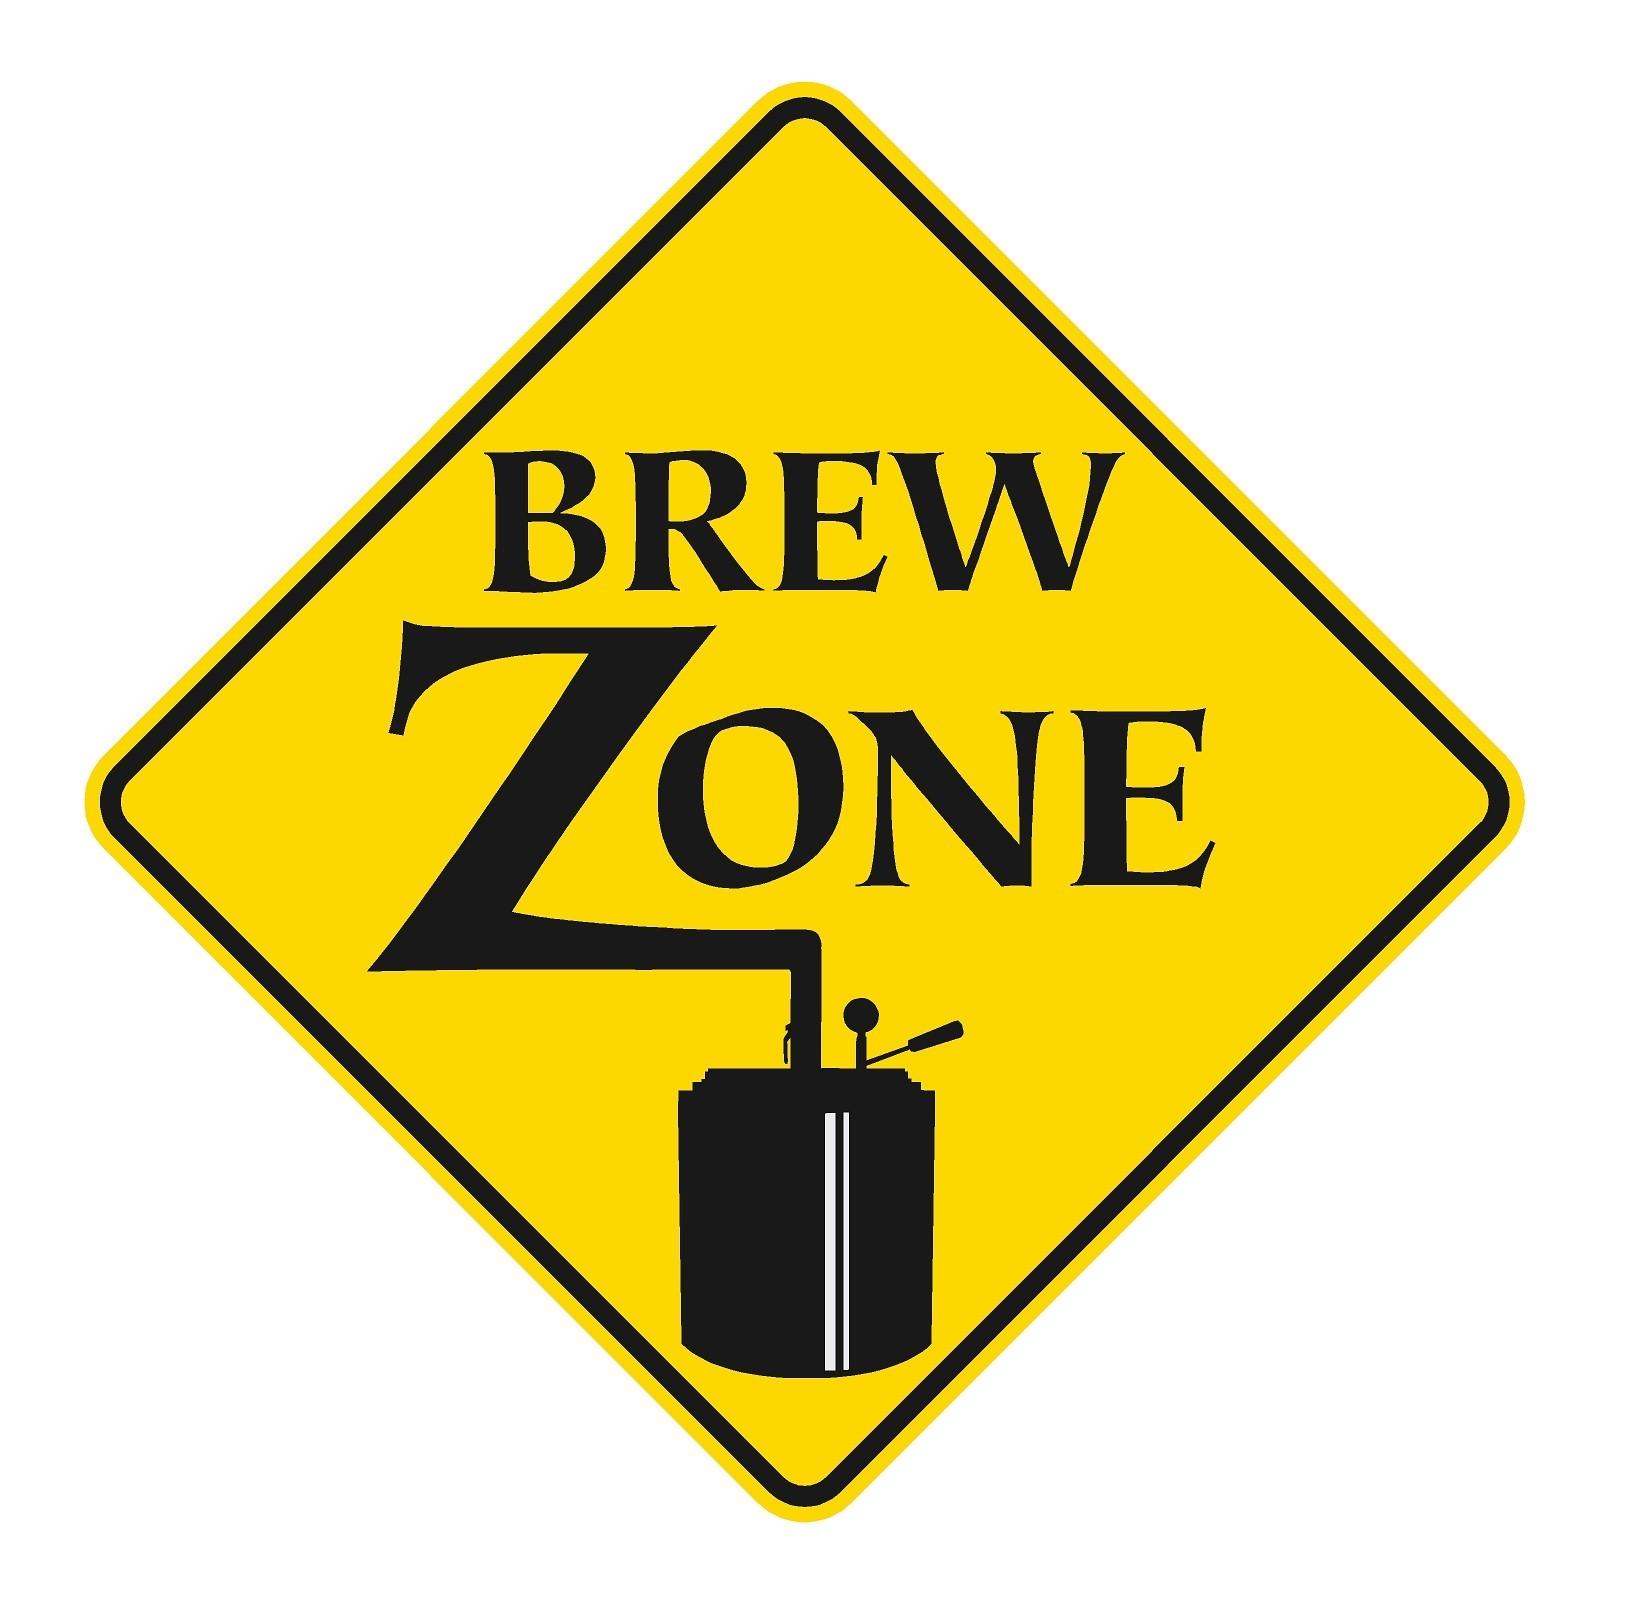 brew zone